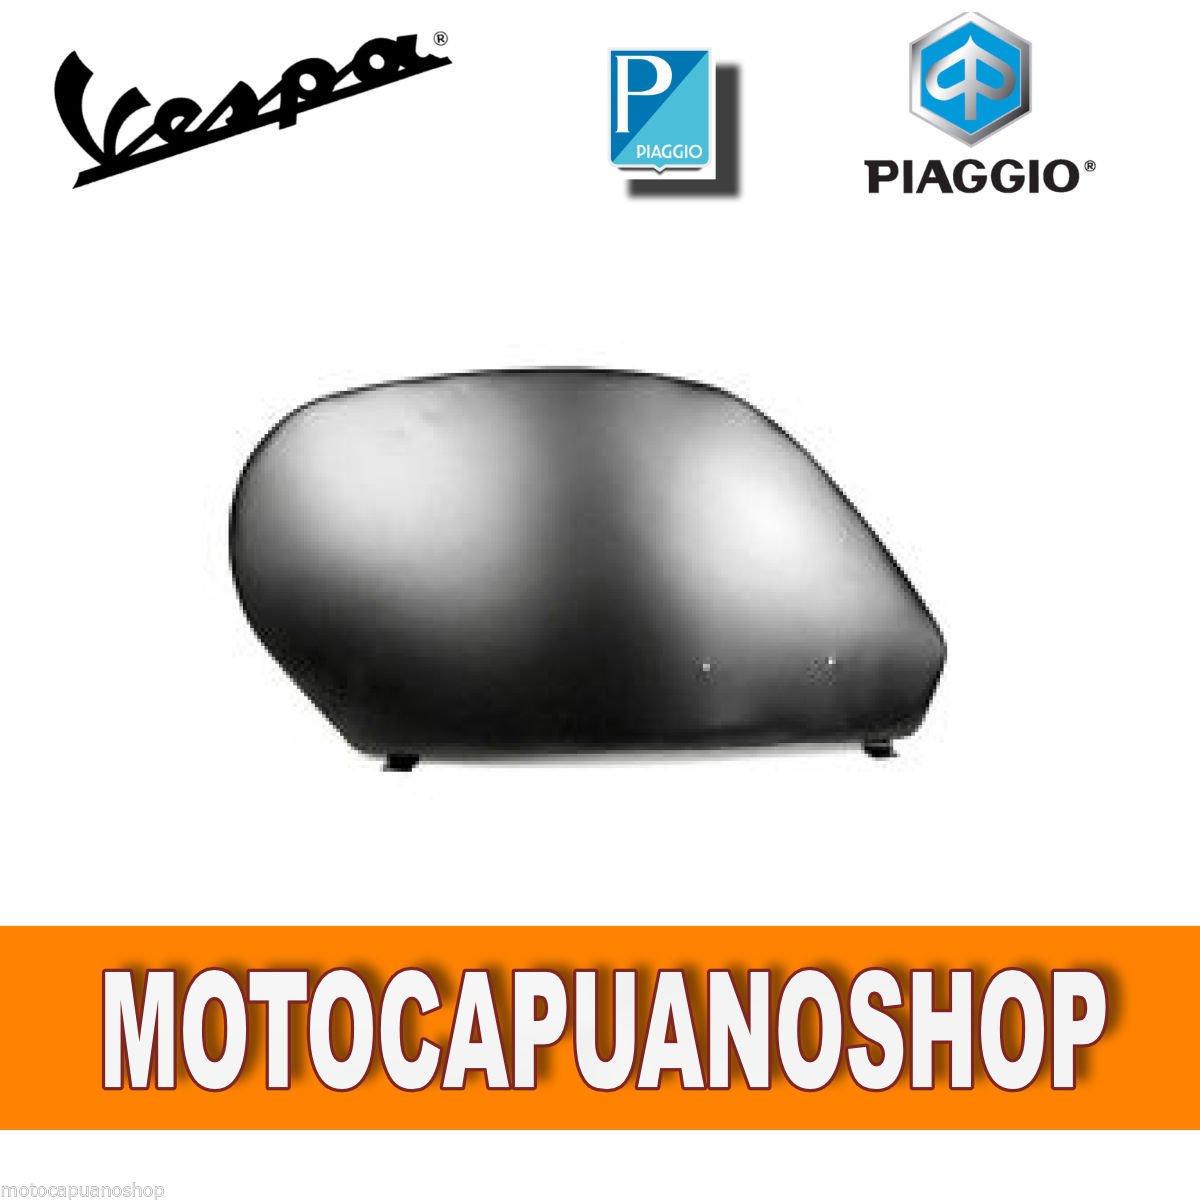 Puerta Capó lateral izquierda SX Vespa PK 50 125 S: Amazon.es: Coche y moto